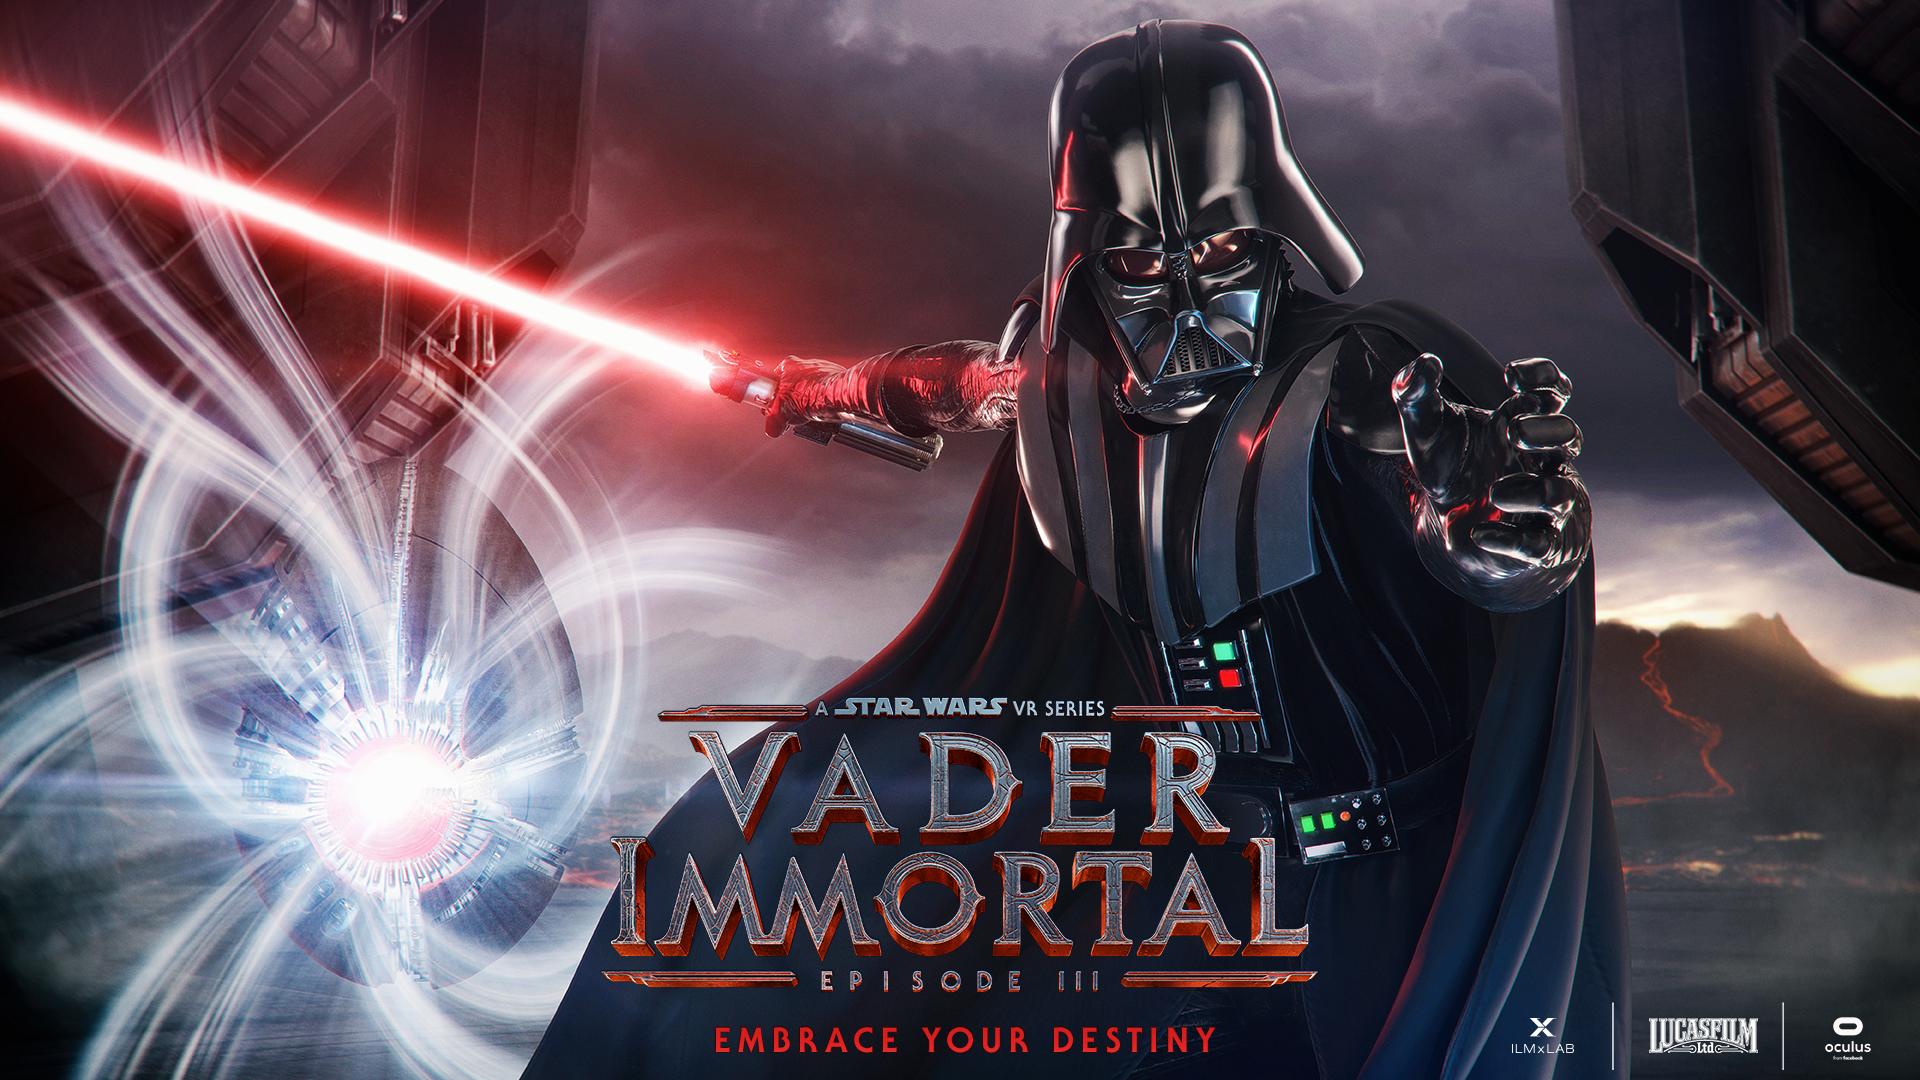 Vader Immortal episode 3 poster